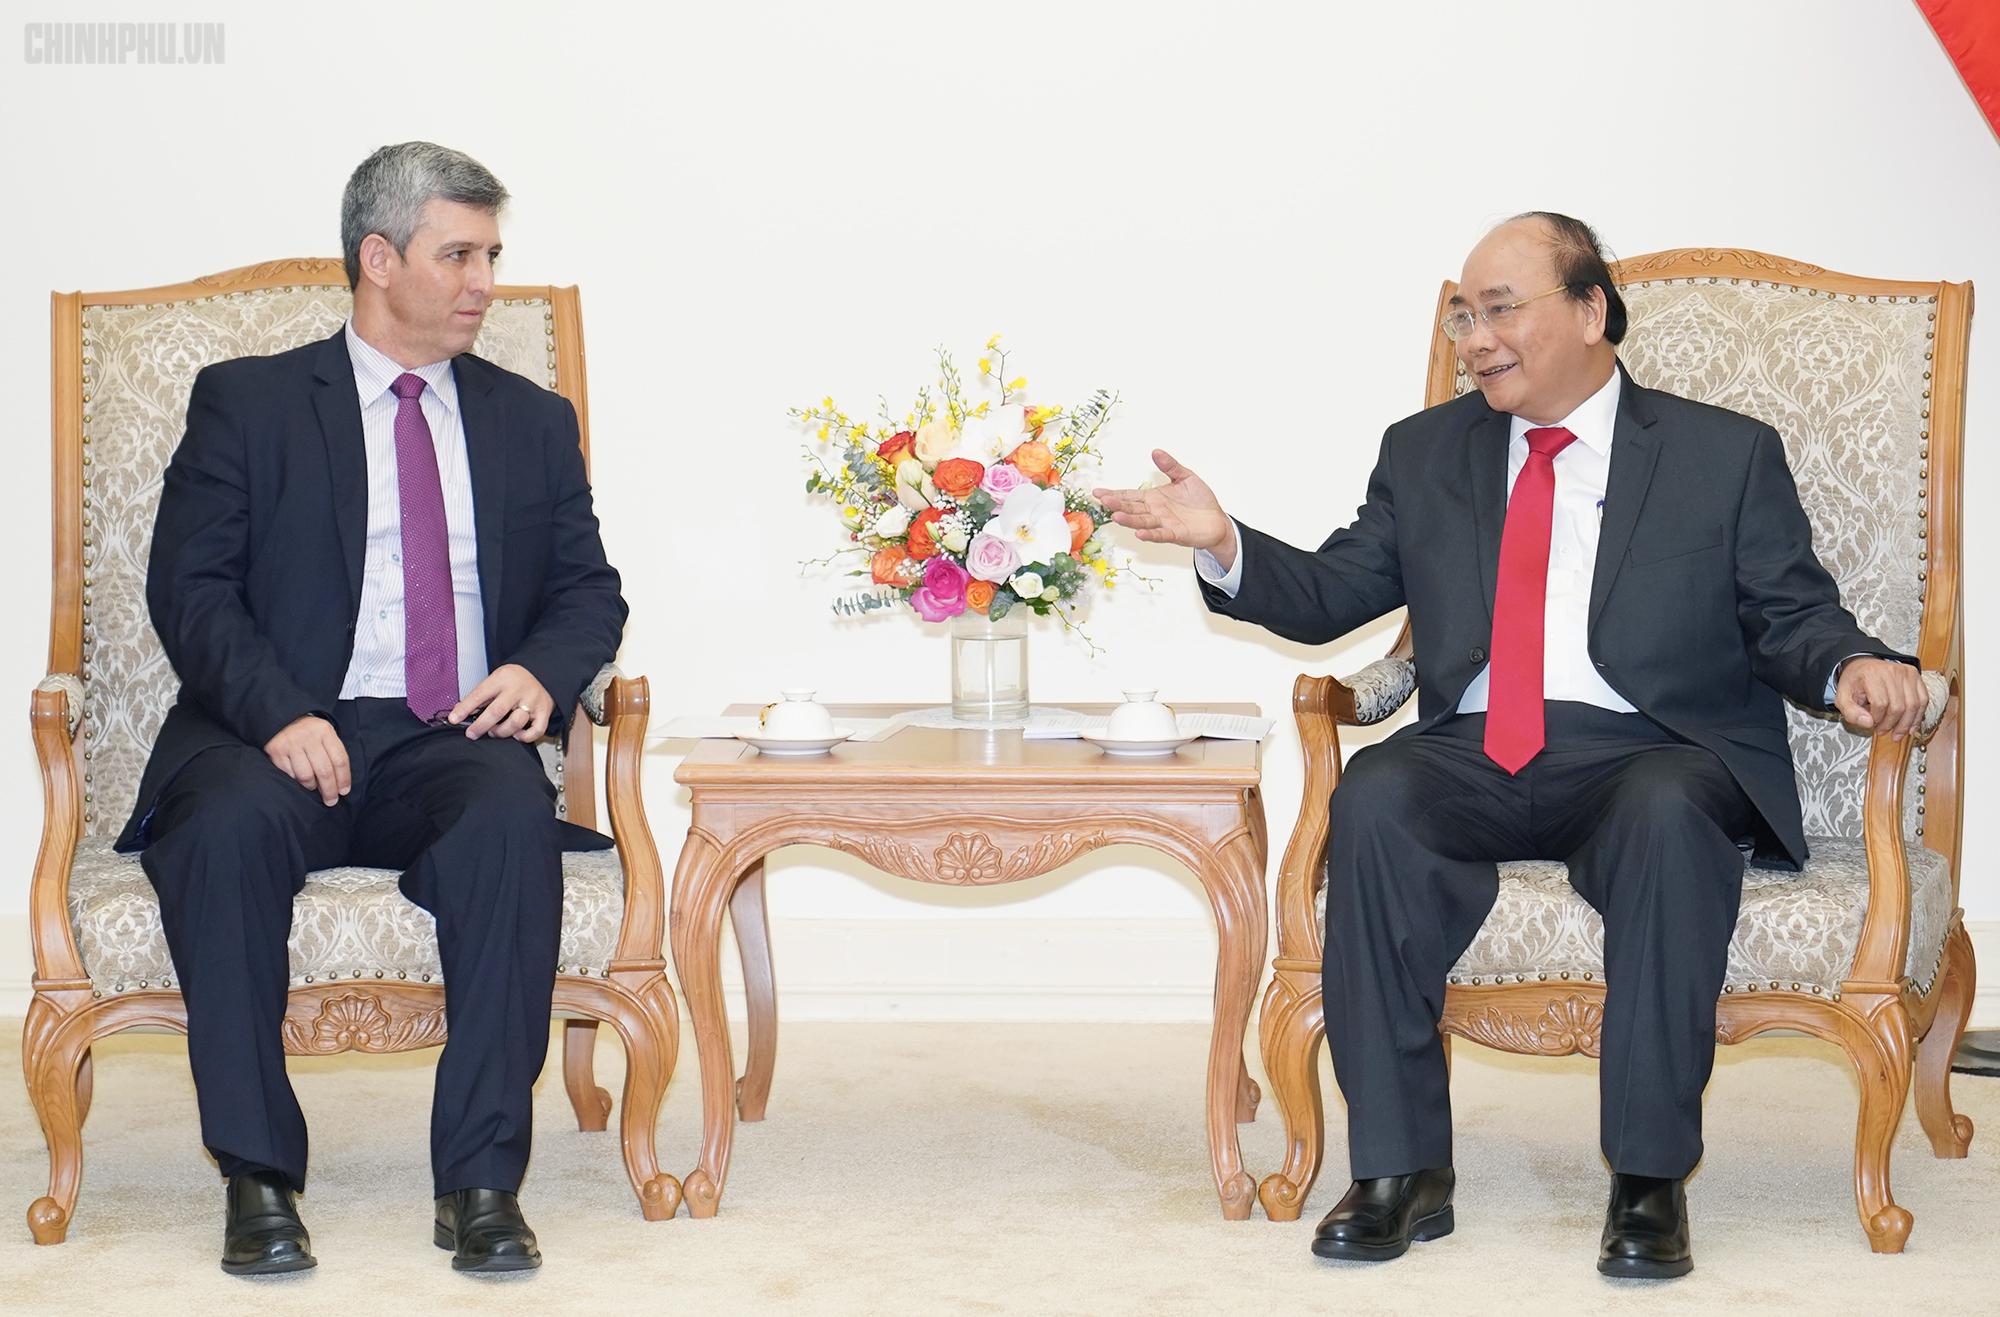 Việt Nam sẵn sàng hỗ trợ Cuba xây dựng trung tâm giám sát an ninh mạng